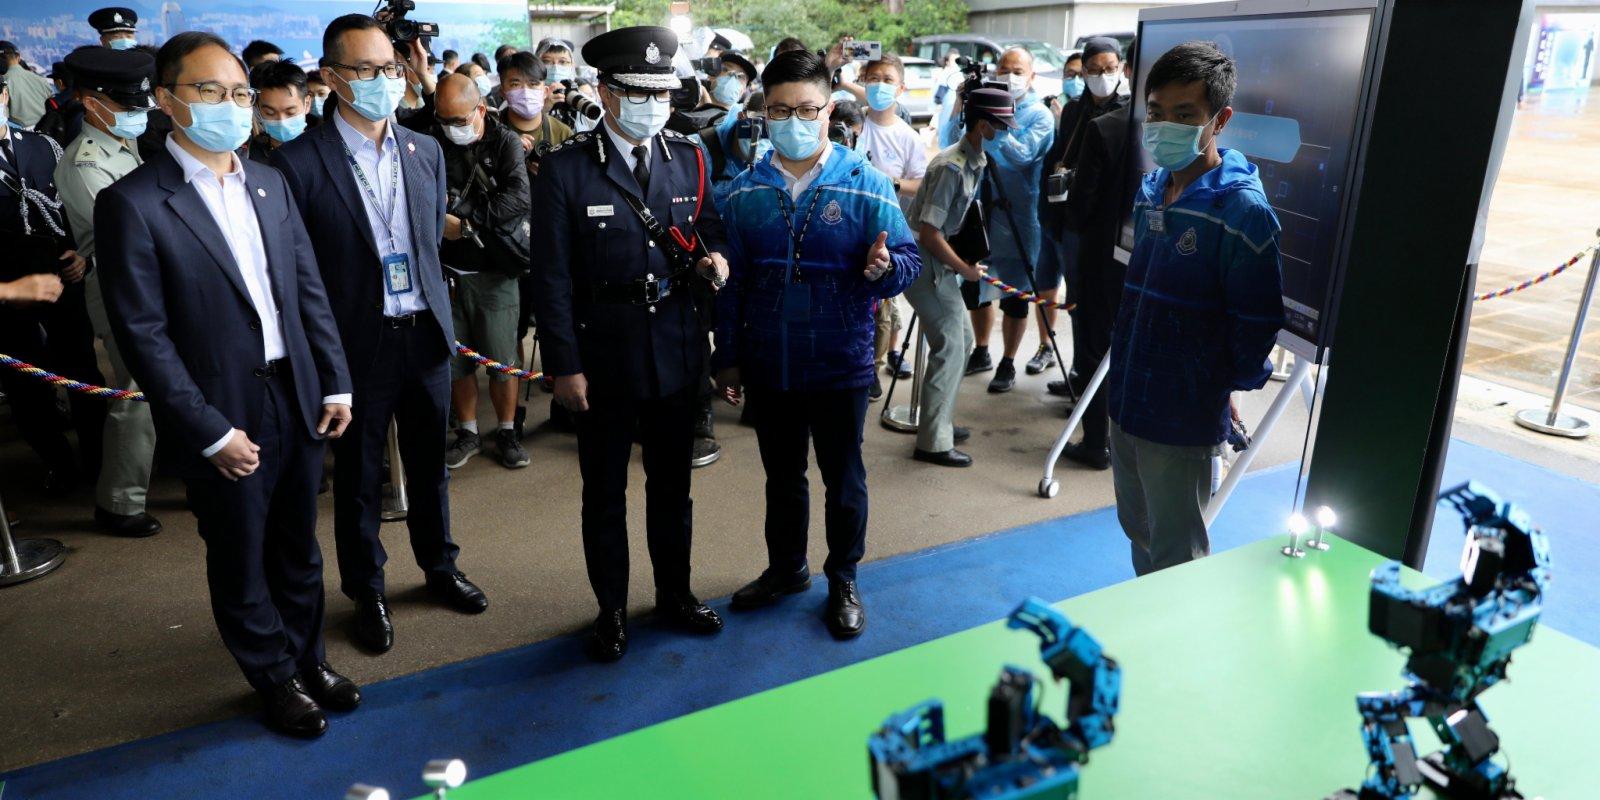 圖集 鄧炳強出席警察學院開放日 與市民互動合影